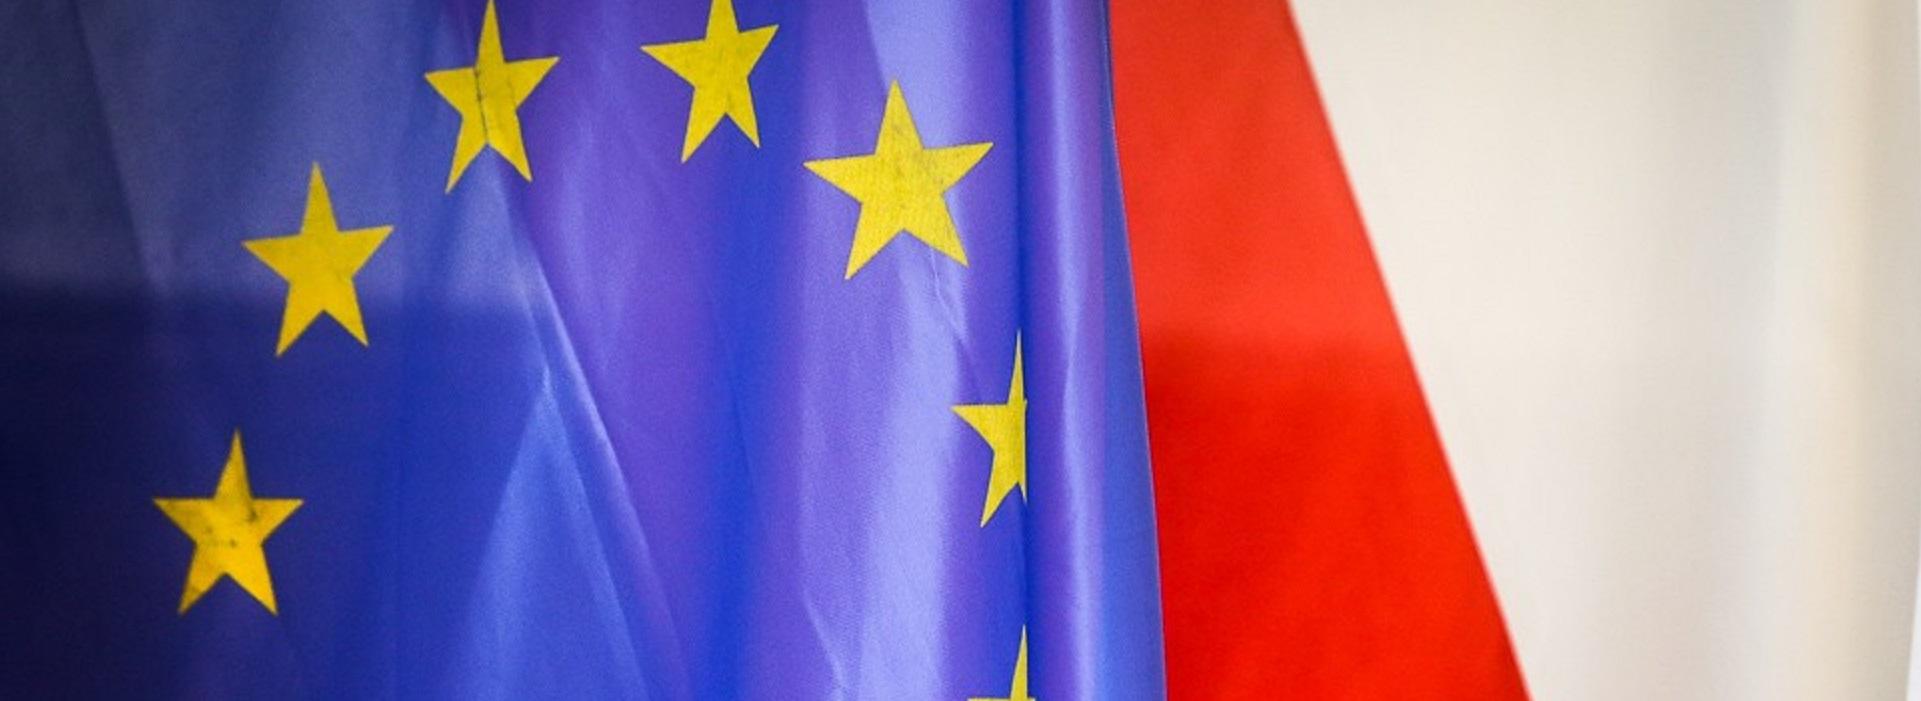 CBOS: 67 proc deklaruje, że weźmie udział w eurowyborach